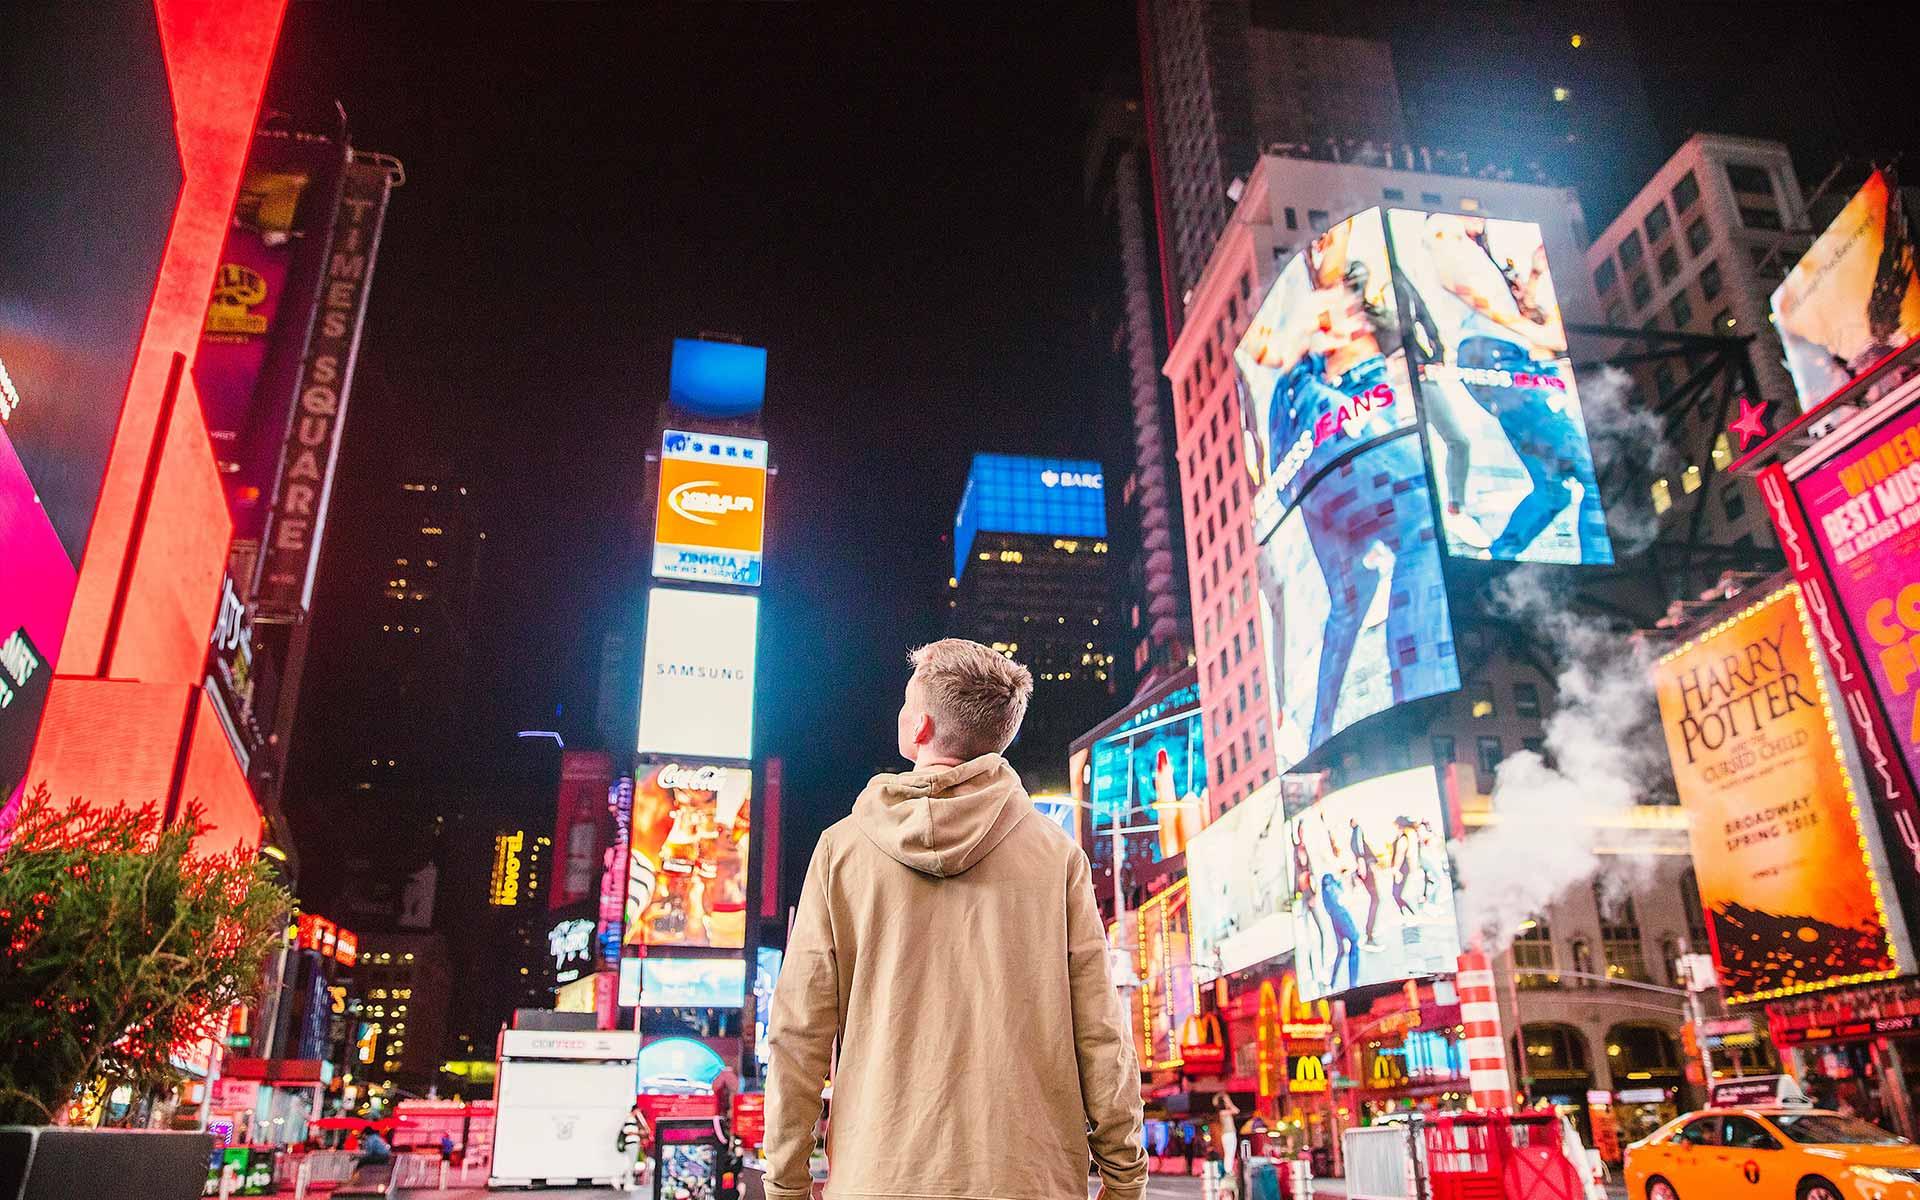 Programmatic Advertising – die Zukunft des Onlinemarketing? (Teil 2) - matter of design